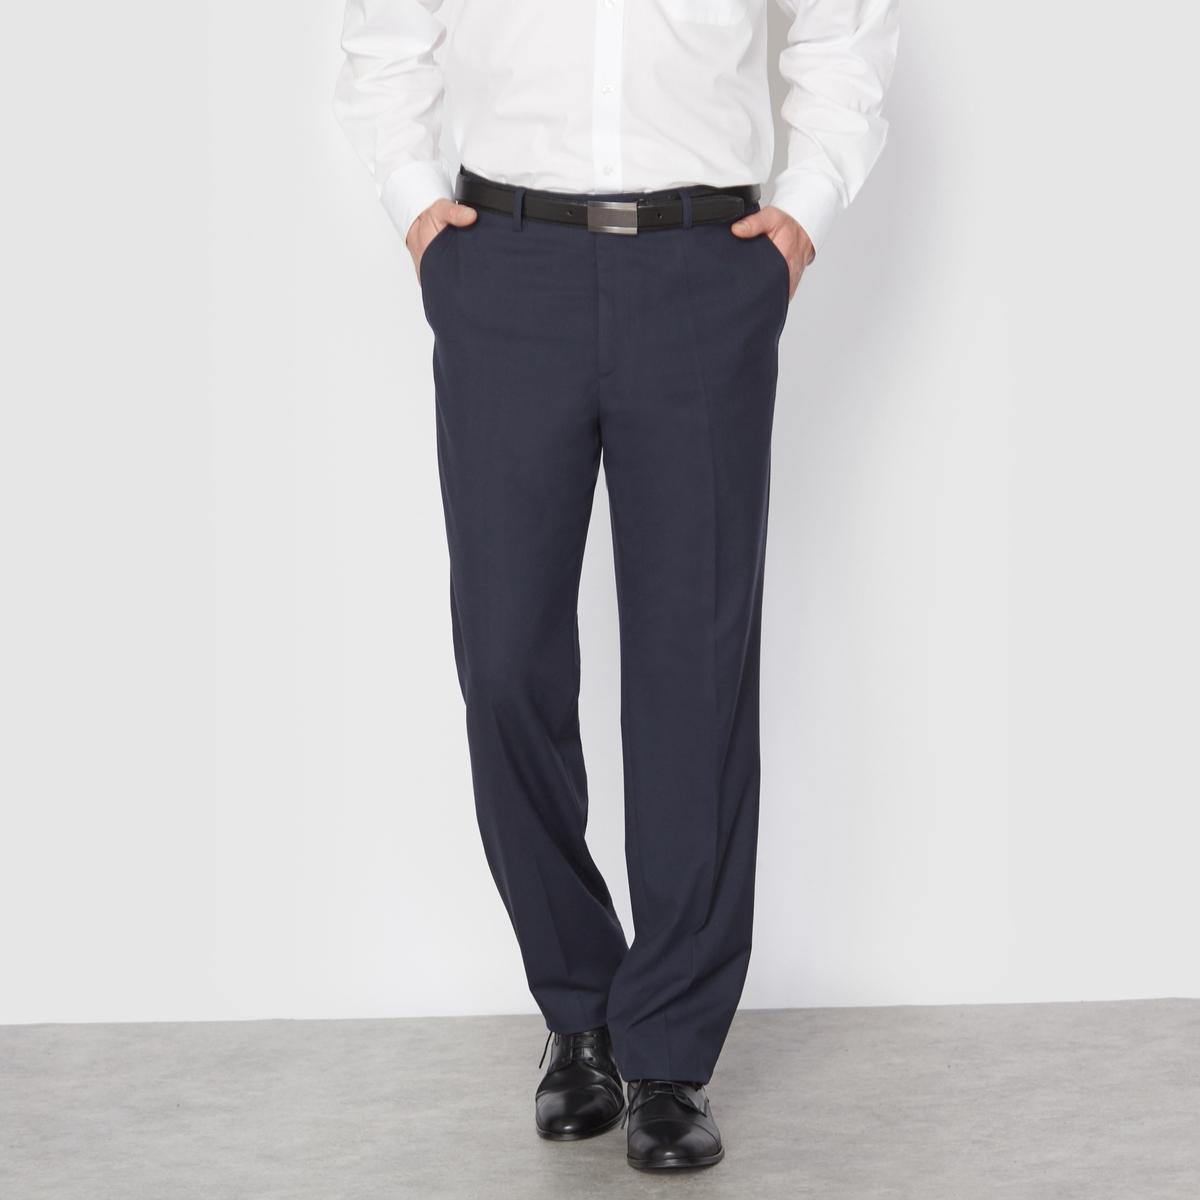 Брюки от костюма без защипов из ткани стретч, длина.1Можно носить как в сочетании с пиджаком, так и отдельно. Полнота пояса регулируется и подстраивается под любую морфологию. Застежка на молнию, пуговицу и крючок. 2 косых кармана. 1 прорезной карман с пуговицей сзади. Необработанный низ.Длина 1 : при росте до 187 см.- Длина по внутр.шву : 84,8-87,8 см, в зависимости от размера. - Ширина по низу : 21,4-27,4 см, в зависимости от размера. Есть также модель длины 2: при росте от 187 см. Есть также модель с защипами.<br><br>Цвет: антрацит,темно-синий,черный<br>Размер: 44 (FR) - 50 (RUS).58.50 (FR) - 56 (RUS).56.54.44 (FR) - 50 (RUS).66.48 (FR) - 54 (RUS).68.52 (FR) - 58 (RUS).50 (FR) - 56 (RUS)